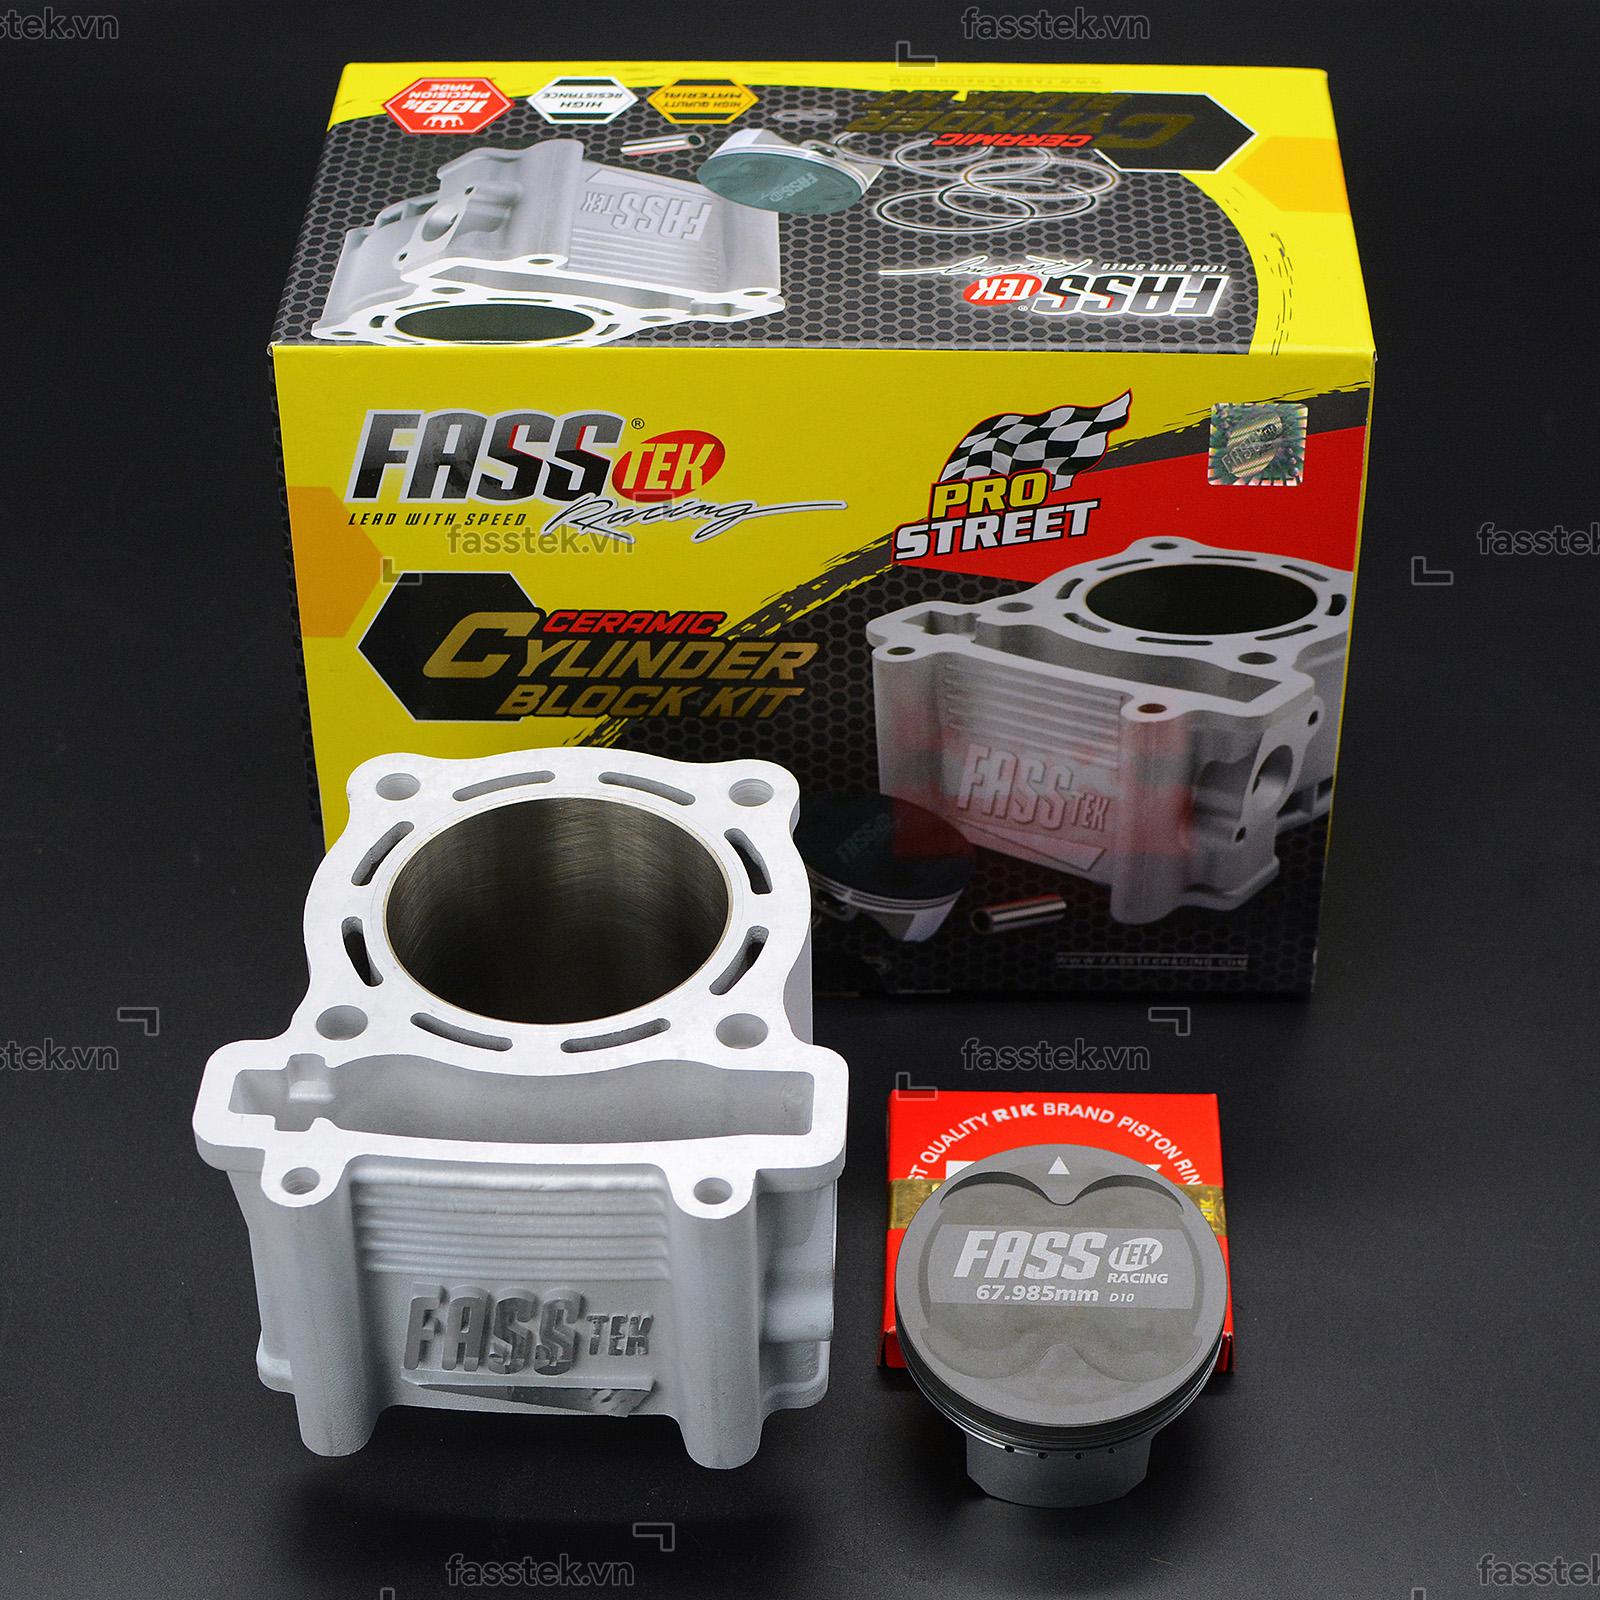 Bộ nòng kính trái nén Fasstek Racing 68mm, chân 36 V2 cho Exciter